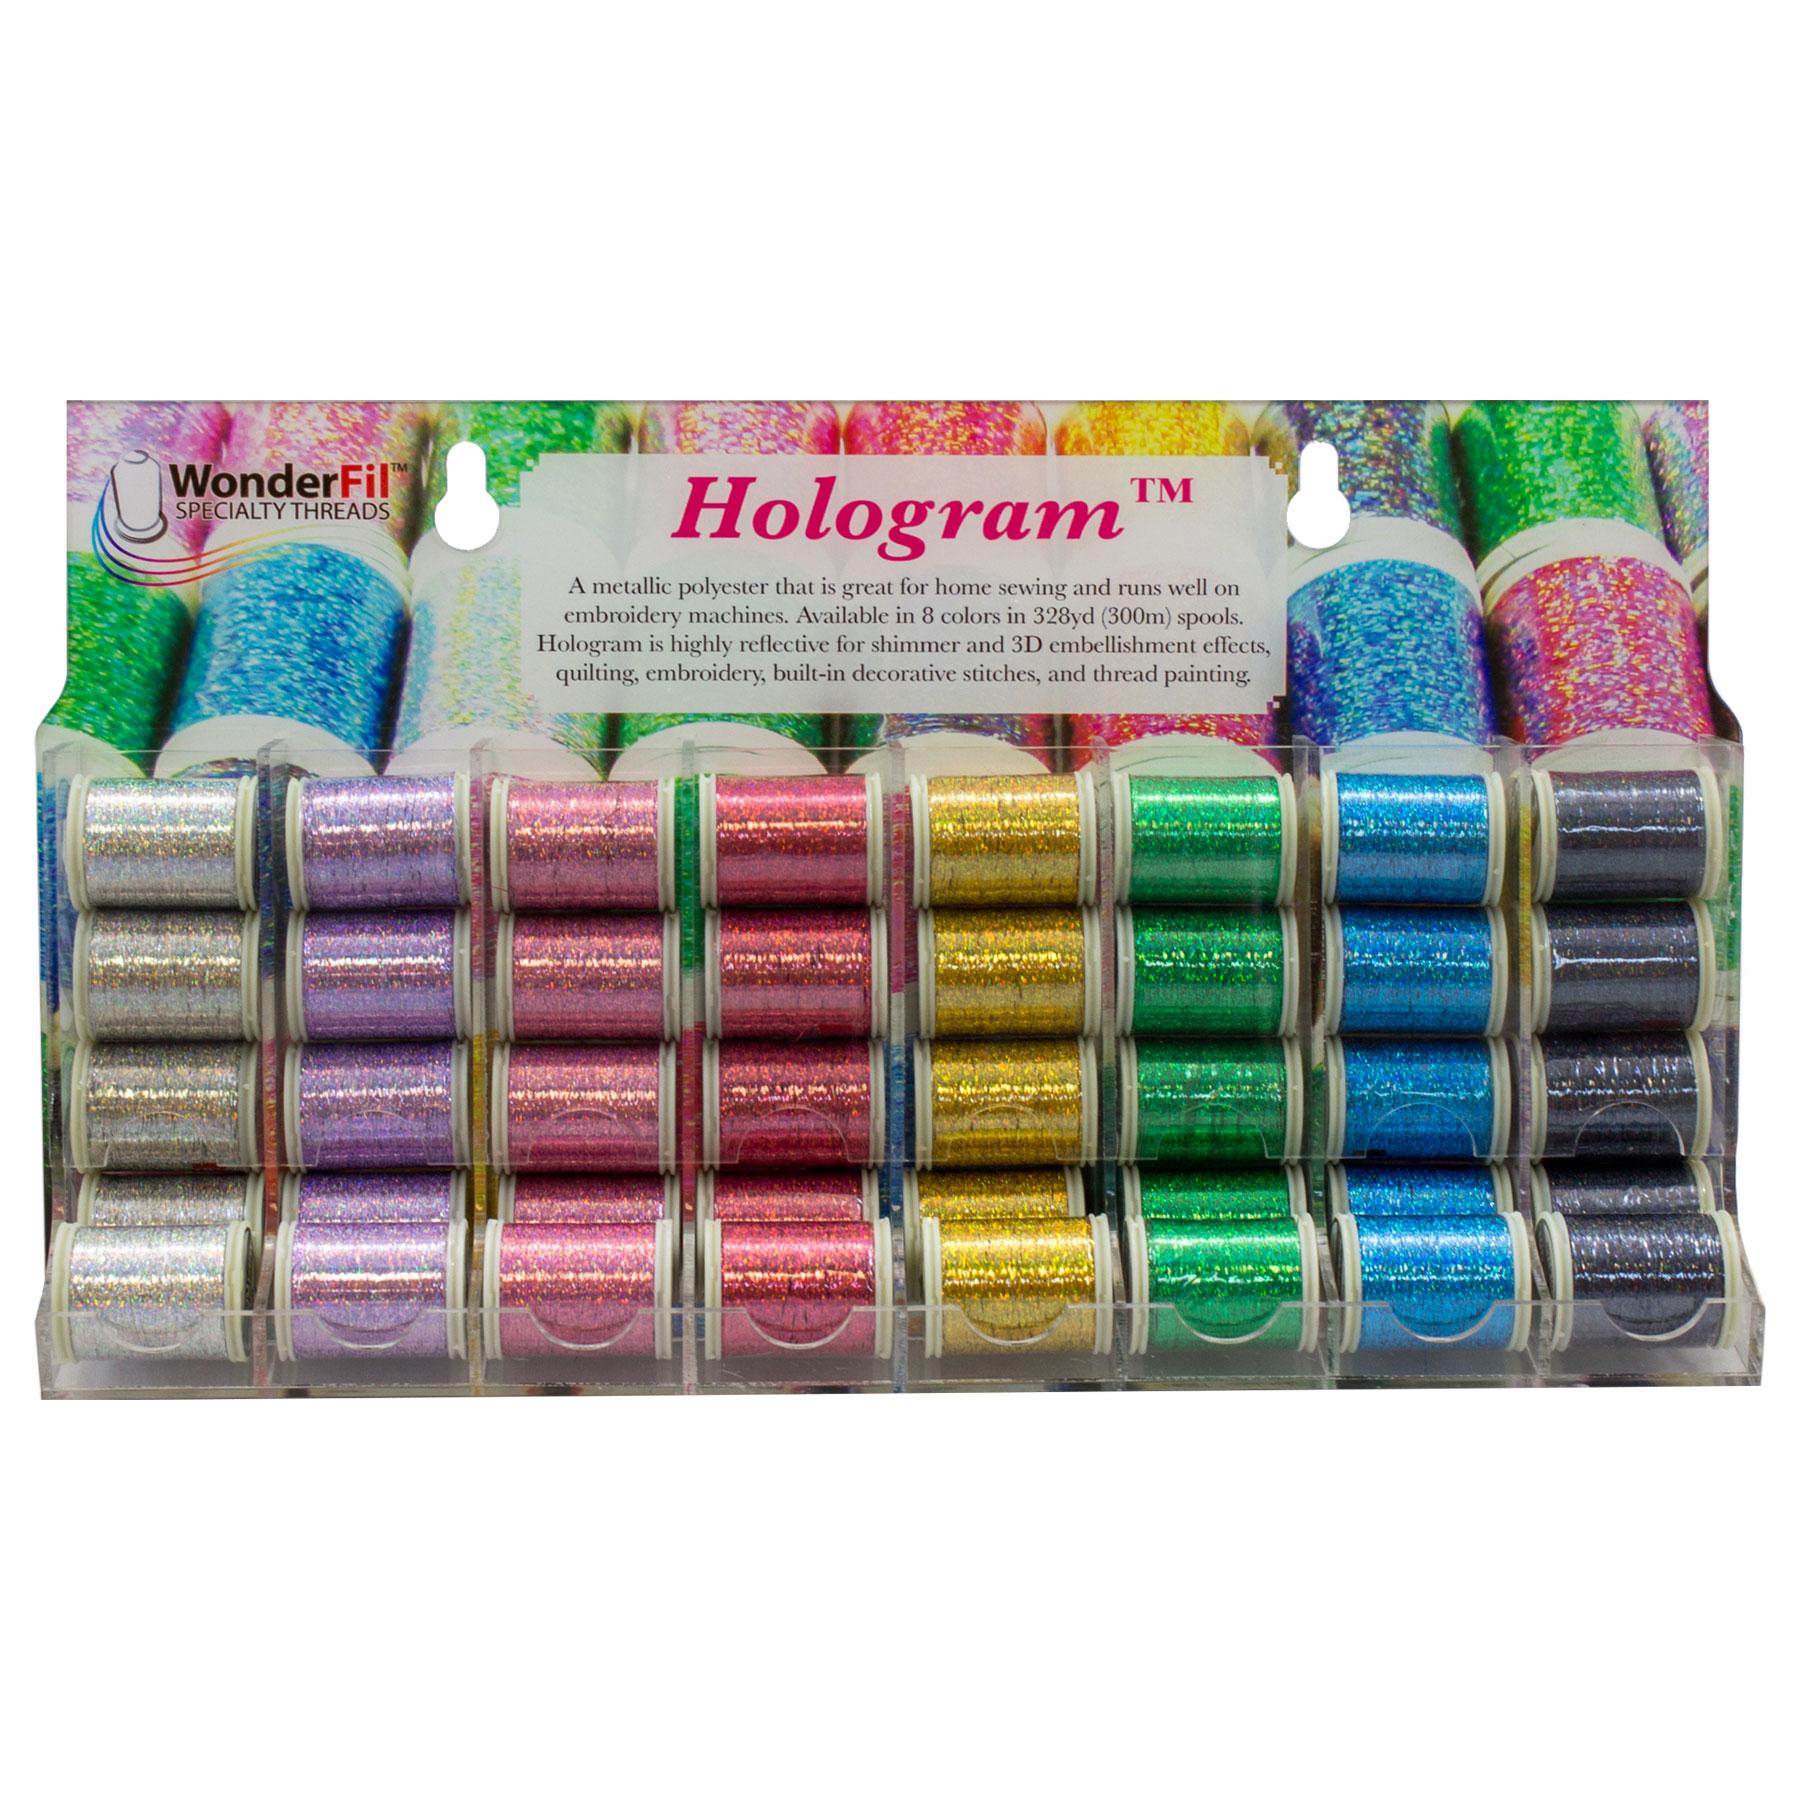 Acrylic Hologram Display